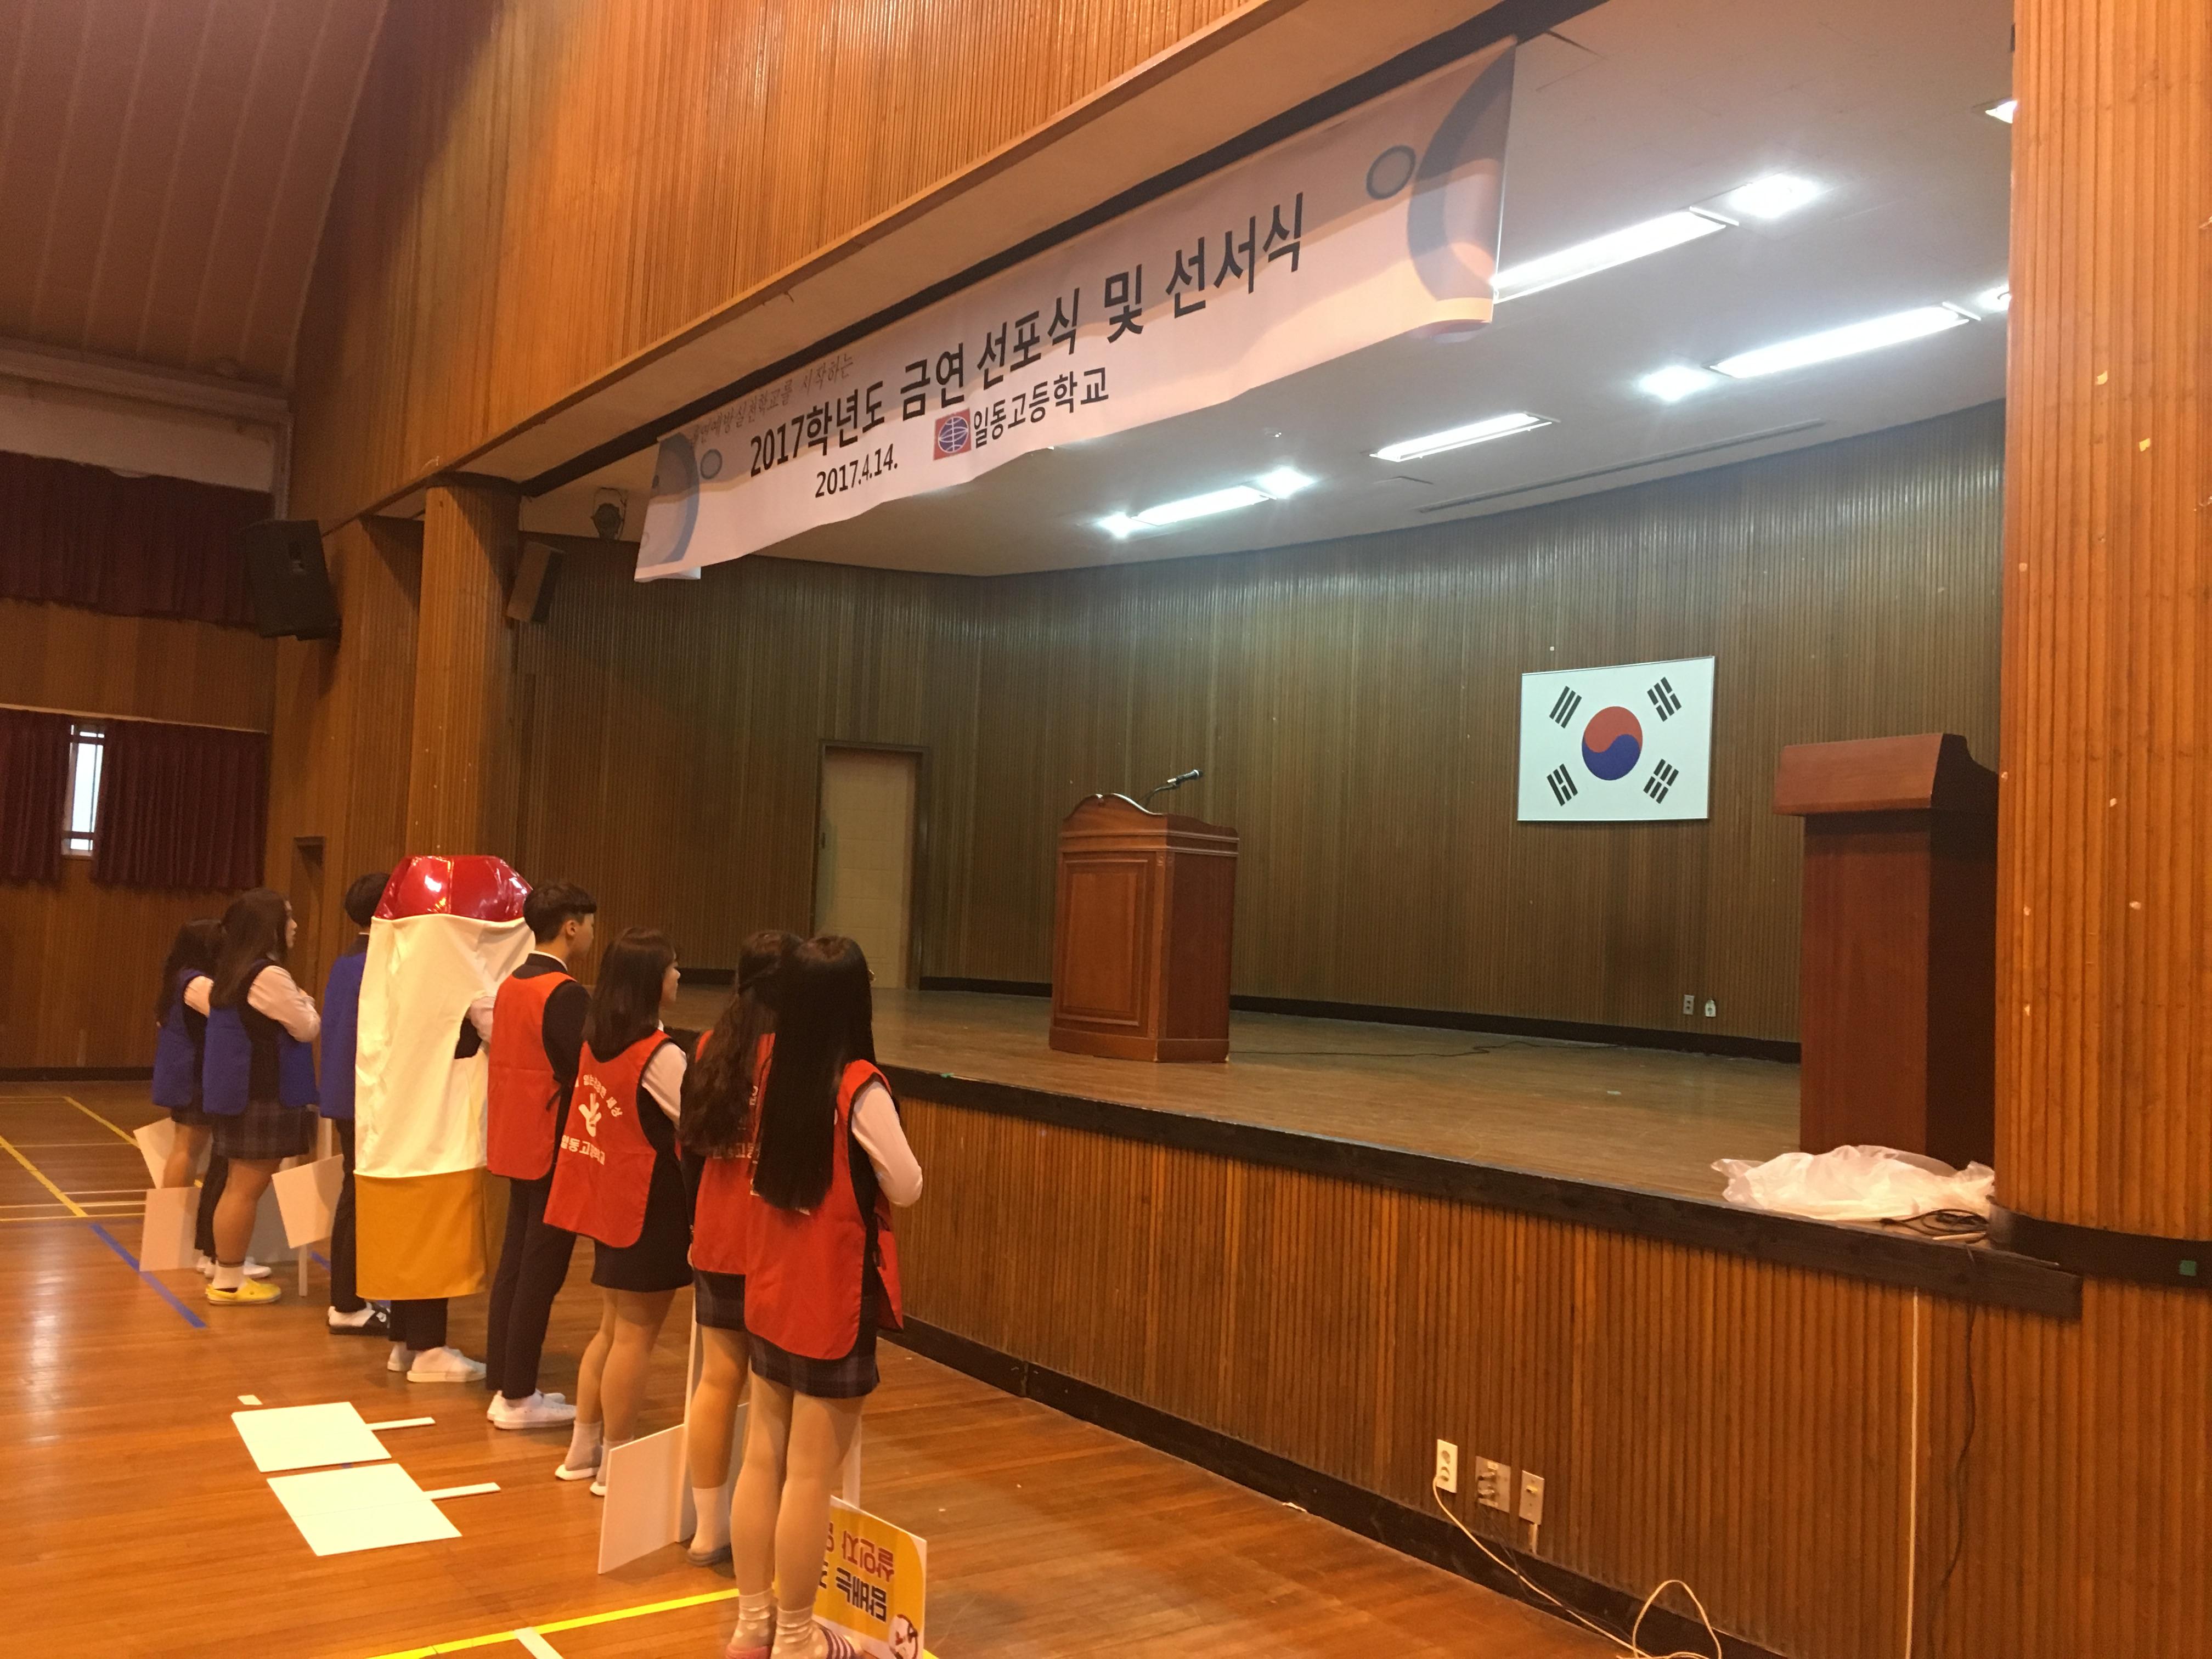 [일반] 2017년도 금연선포식 및 선서식의 첨부이미지 7